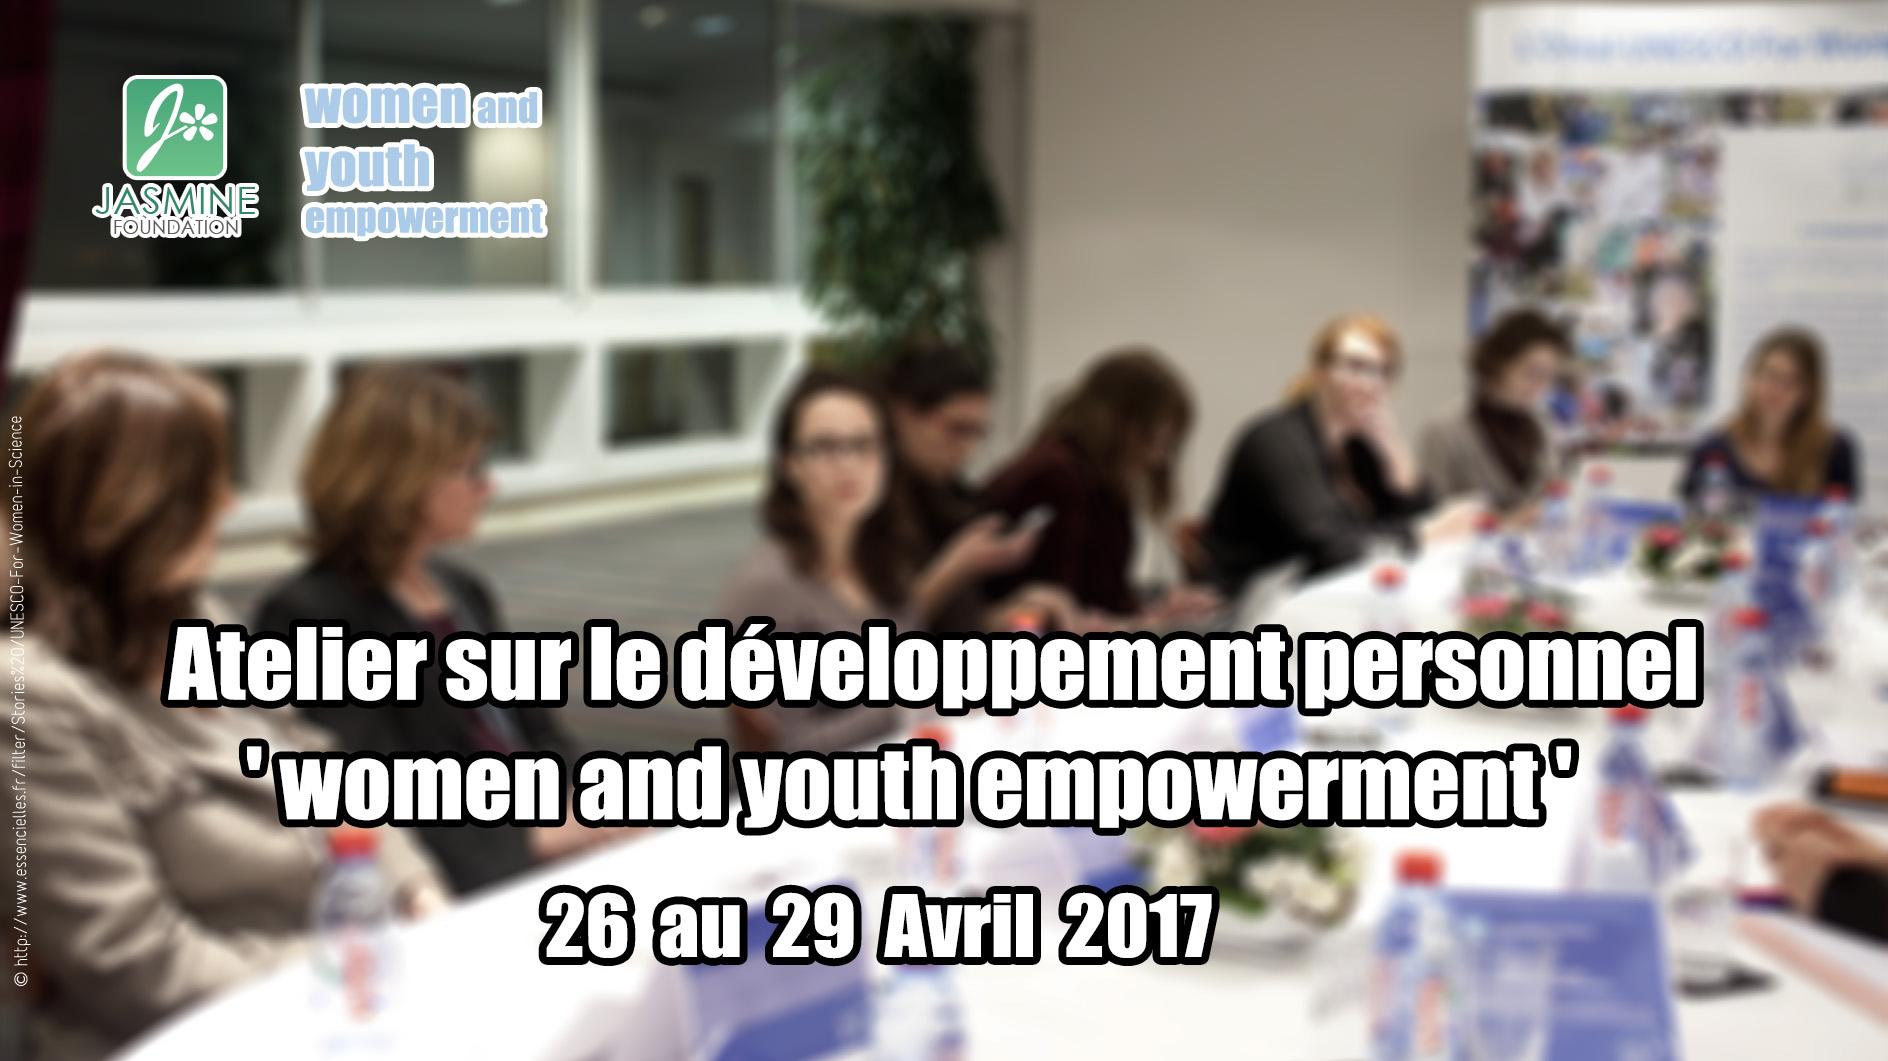 Jasmine organise un atelier sur le développement personnel (4)